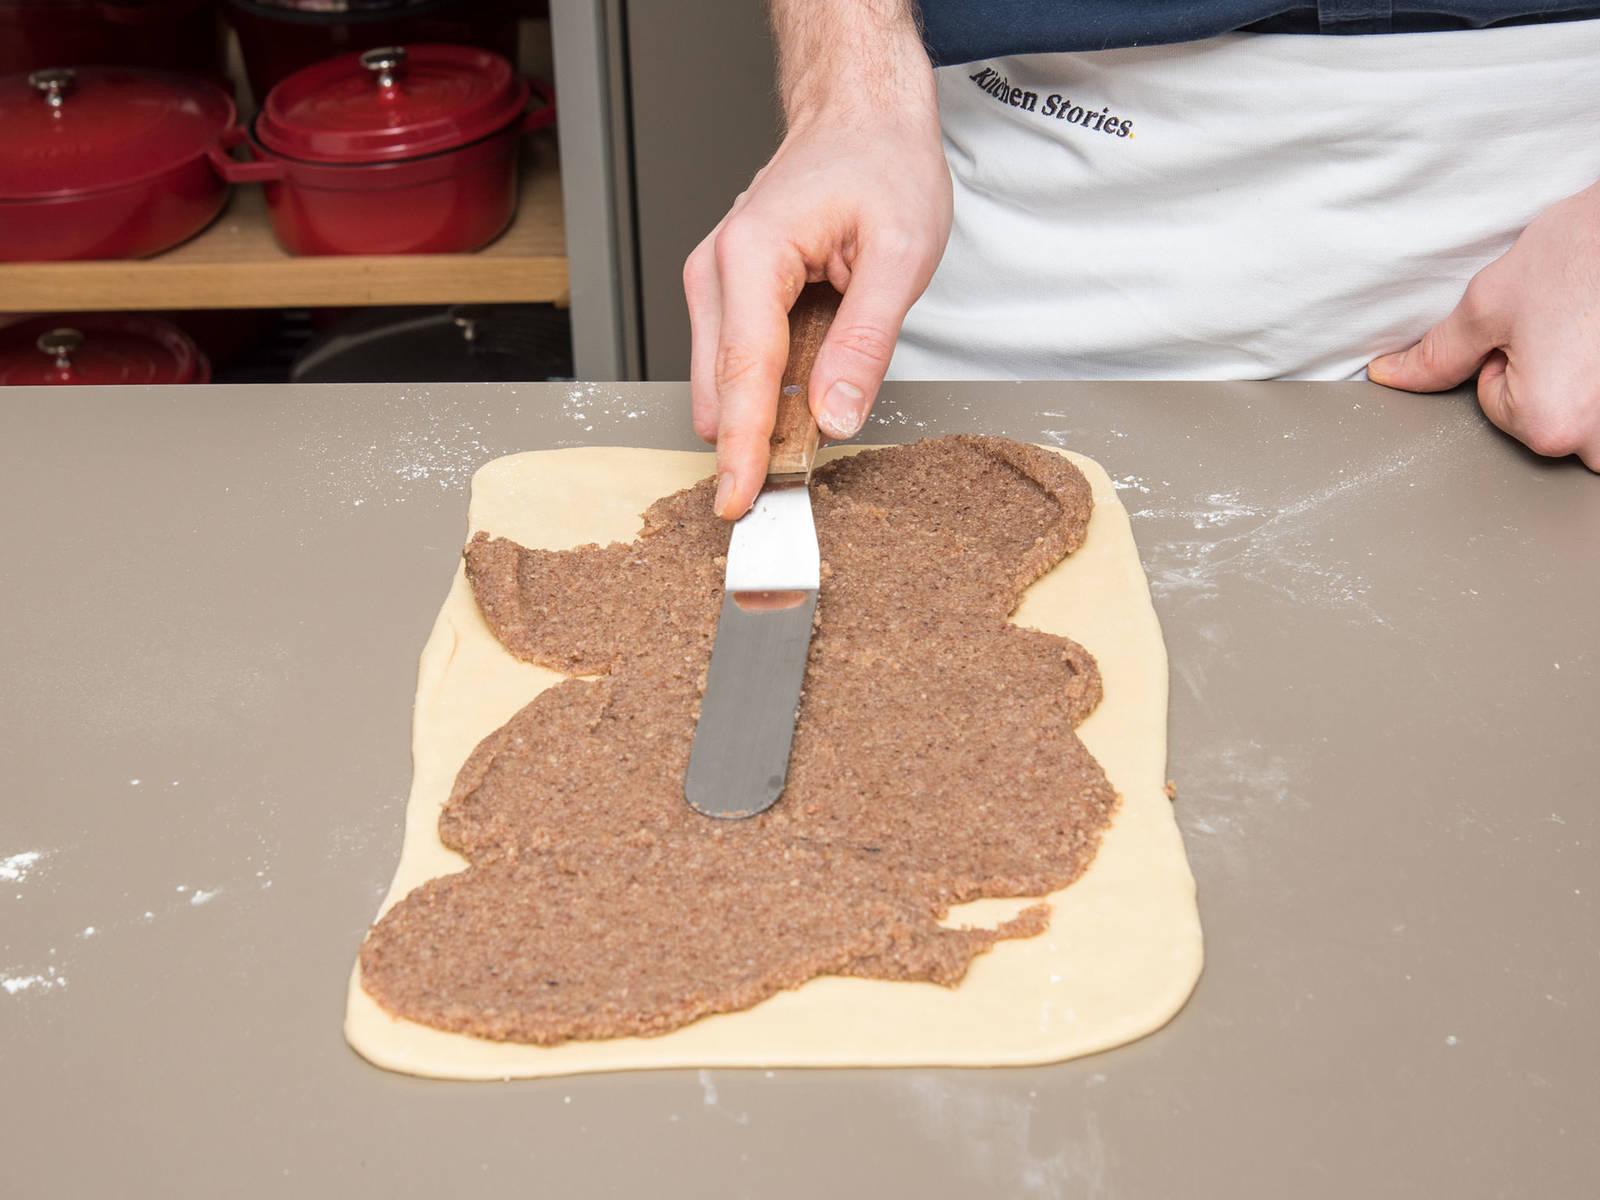 将烤箱预热至160℃。在工作台上撒些面粉。将面团擀成40 x 50厘米的长方形。用抹刀将榛子粉混合物抹到面团上。